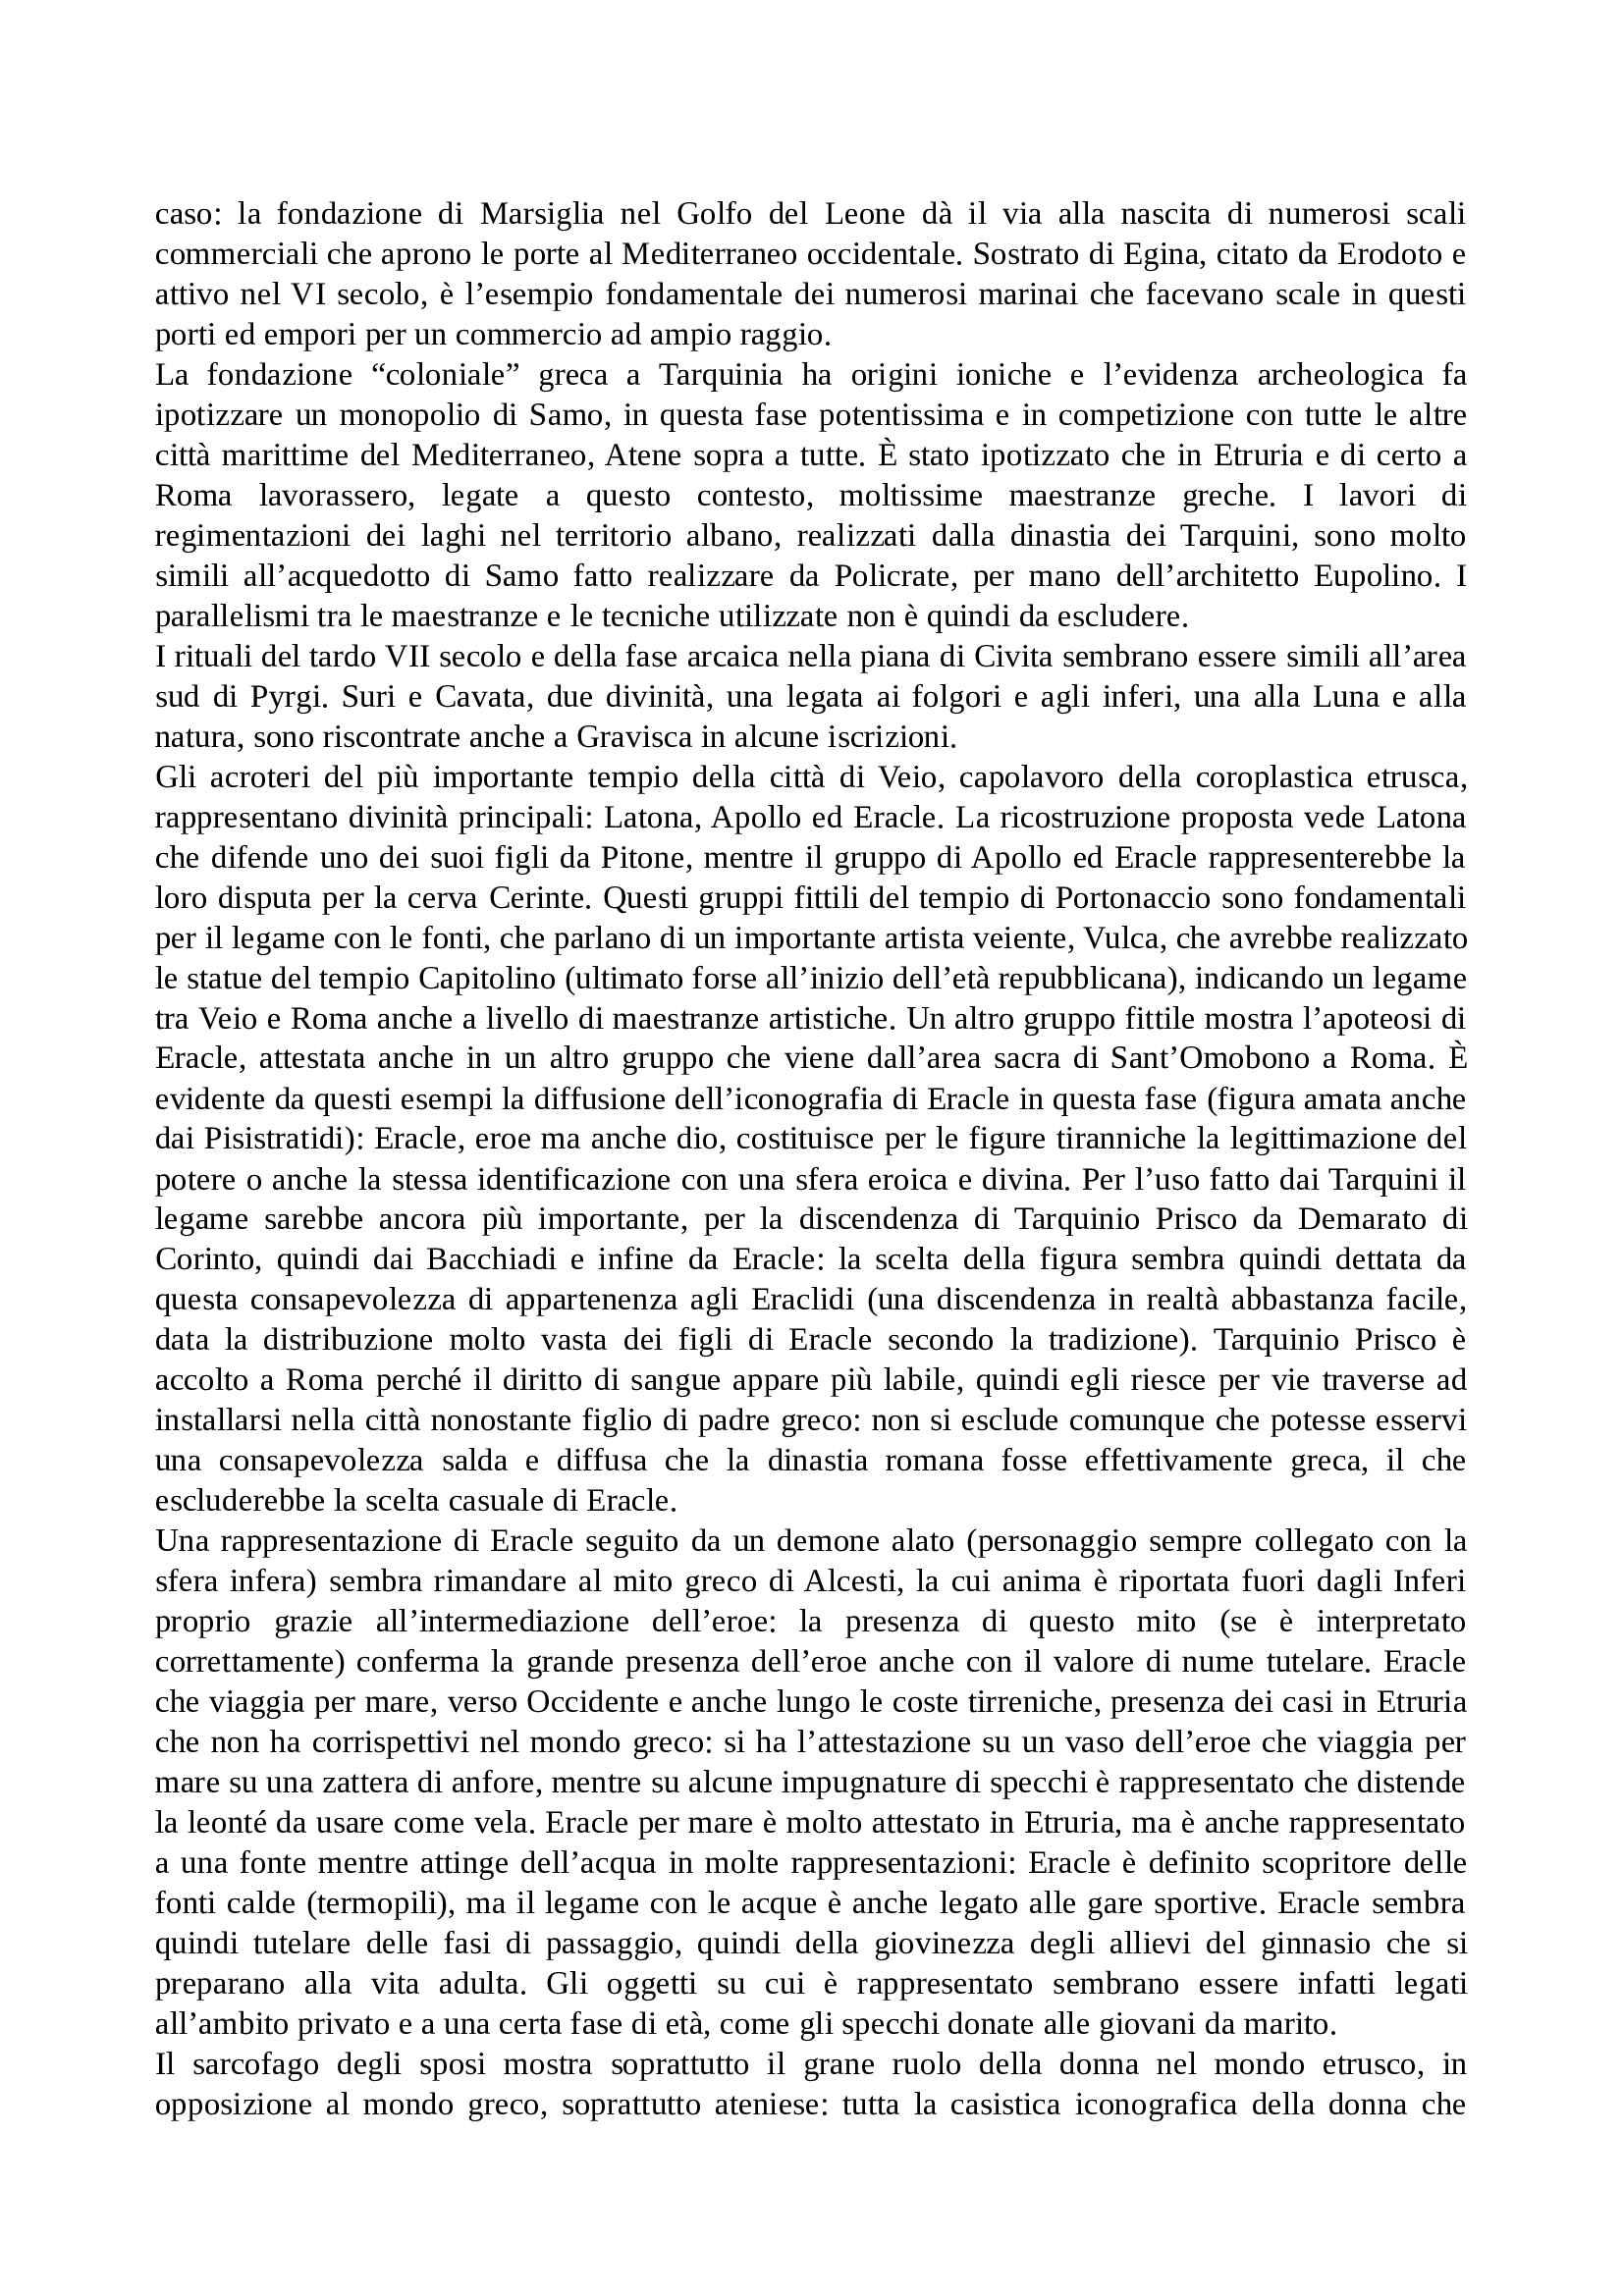 Etruscologia e antichità italiche - Appunti Pag. 36